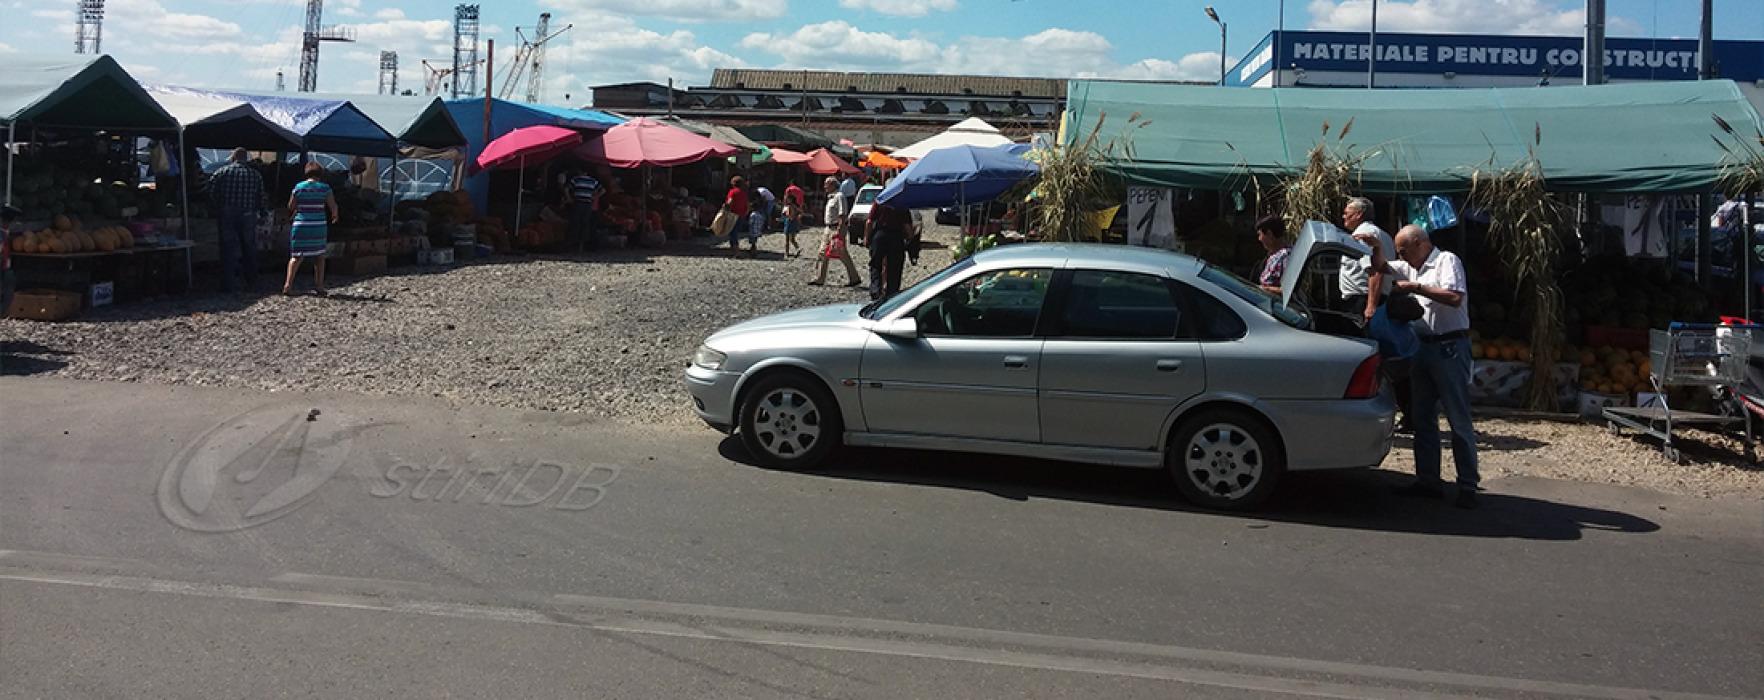 Piaţa agroalimentară ilegală continuă să funcţioneze în centrul Târgoviştei